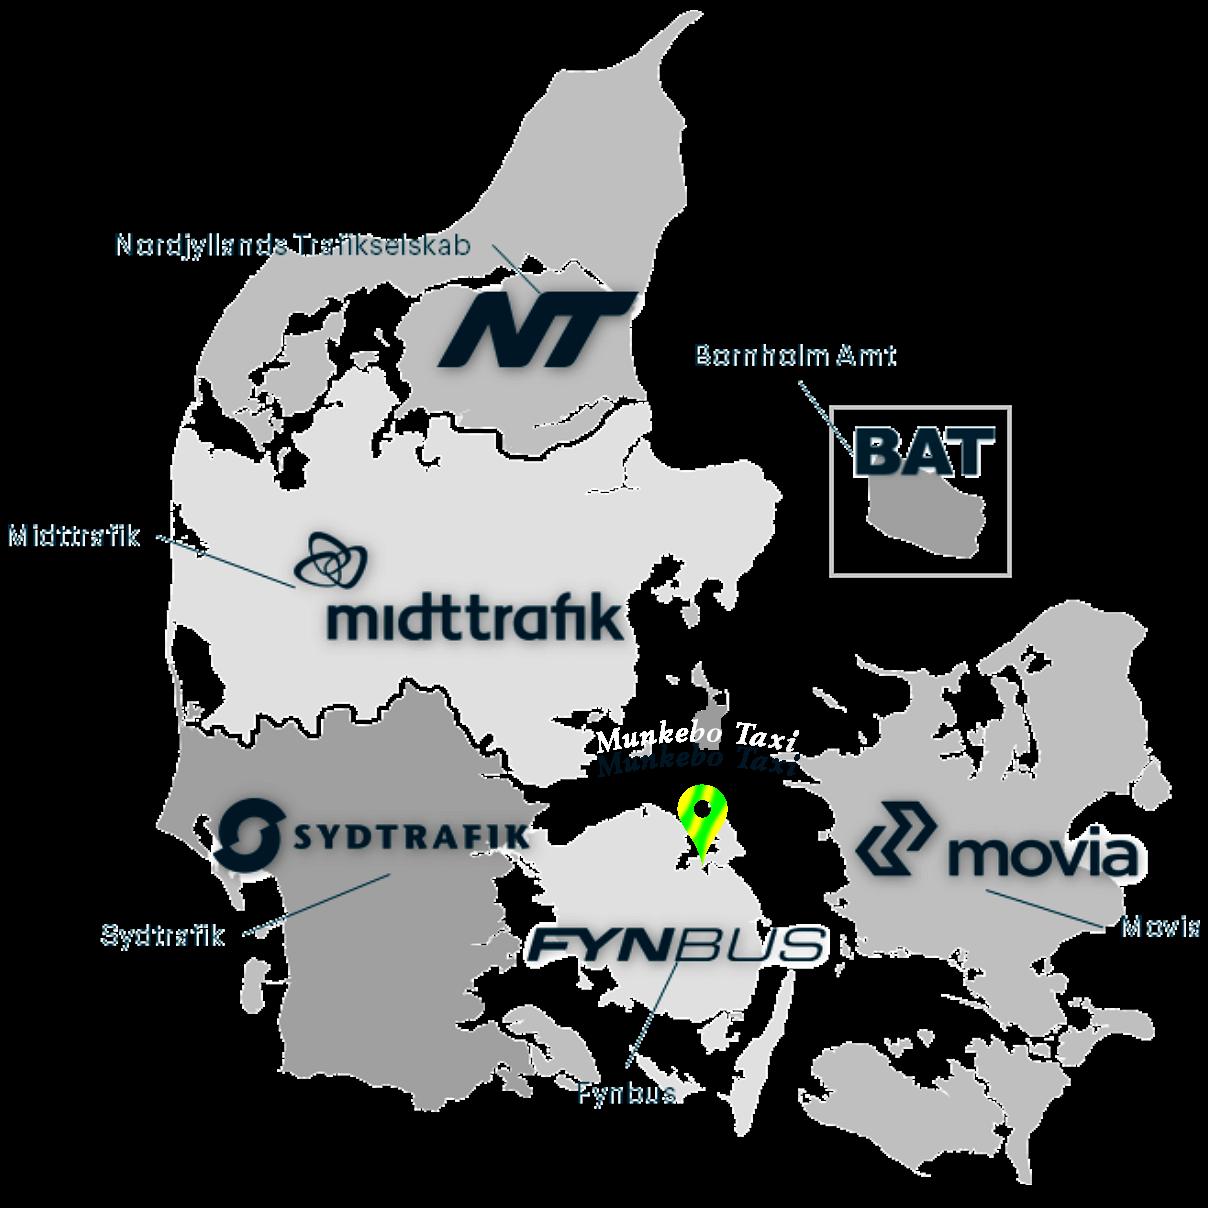 Danmarkskort Trafikselskaber & Munkebo Taxi placering https://www.munkebotaxi.dk